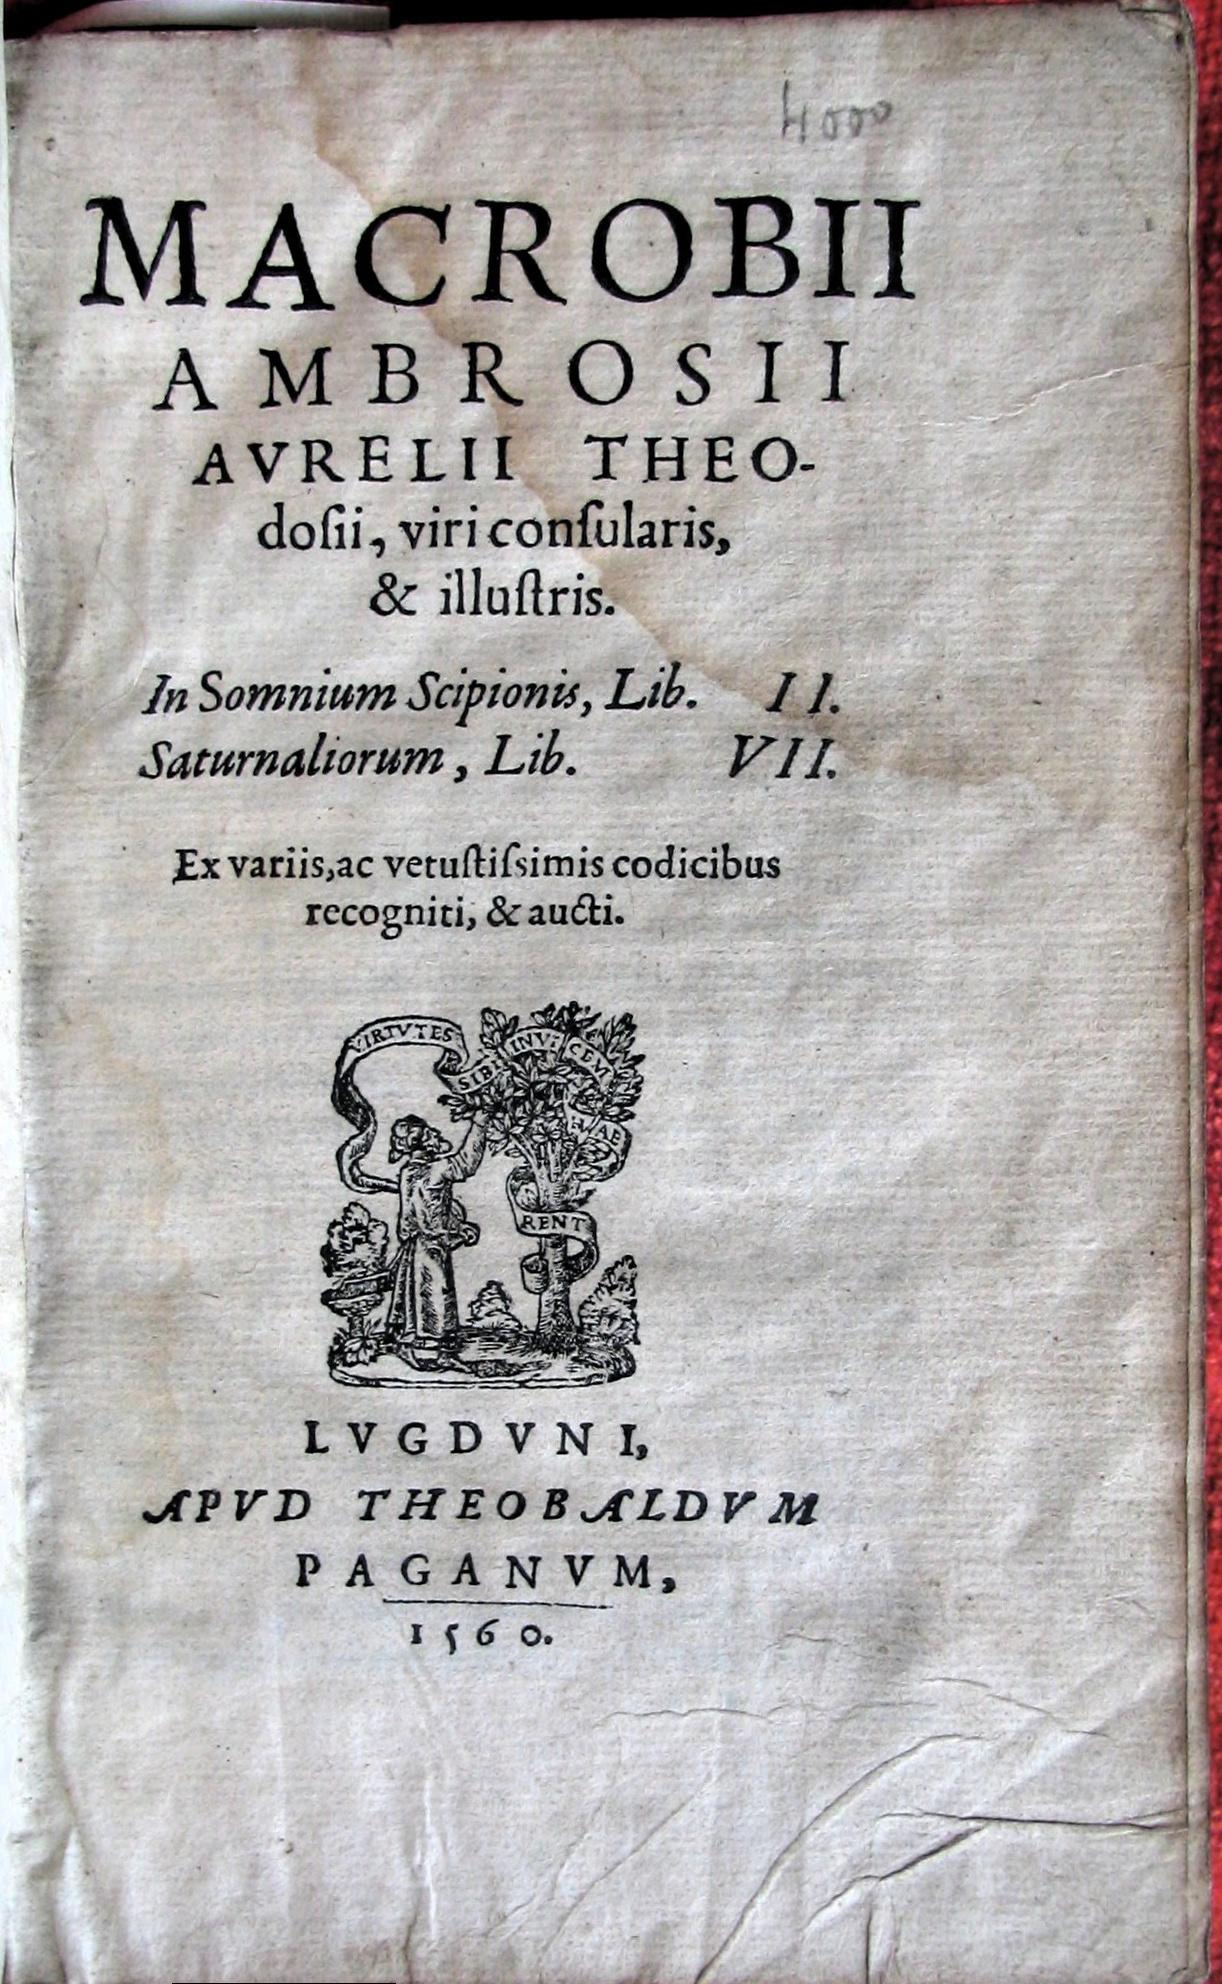 Early printed edition of Macrobius's ''In Somnium Scipionis'' and ''Saturnaliorum''.